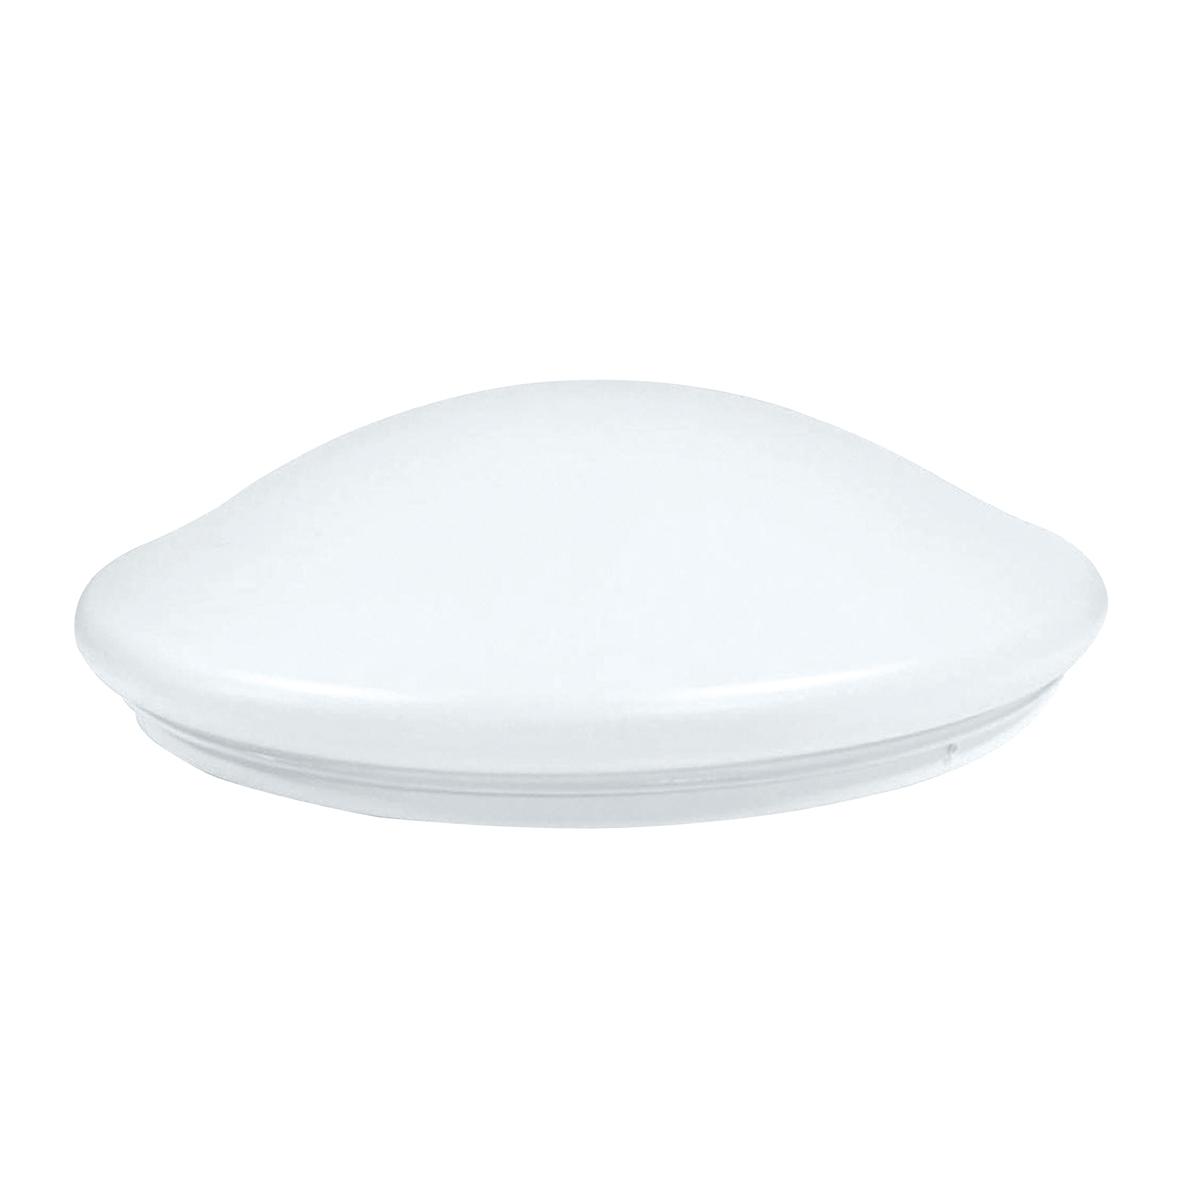 Platinet plafond lamp / plafonniere, 16W, 4000K, wit, ???mm doorsnede, ???lumen